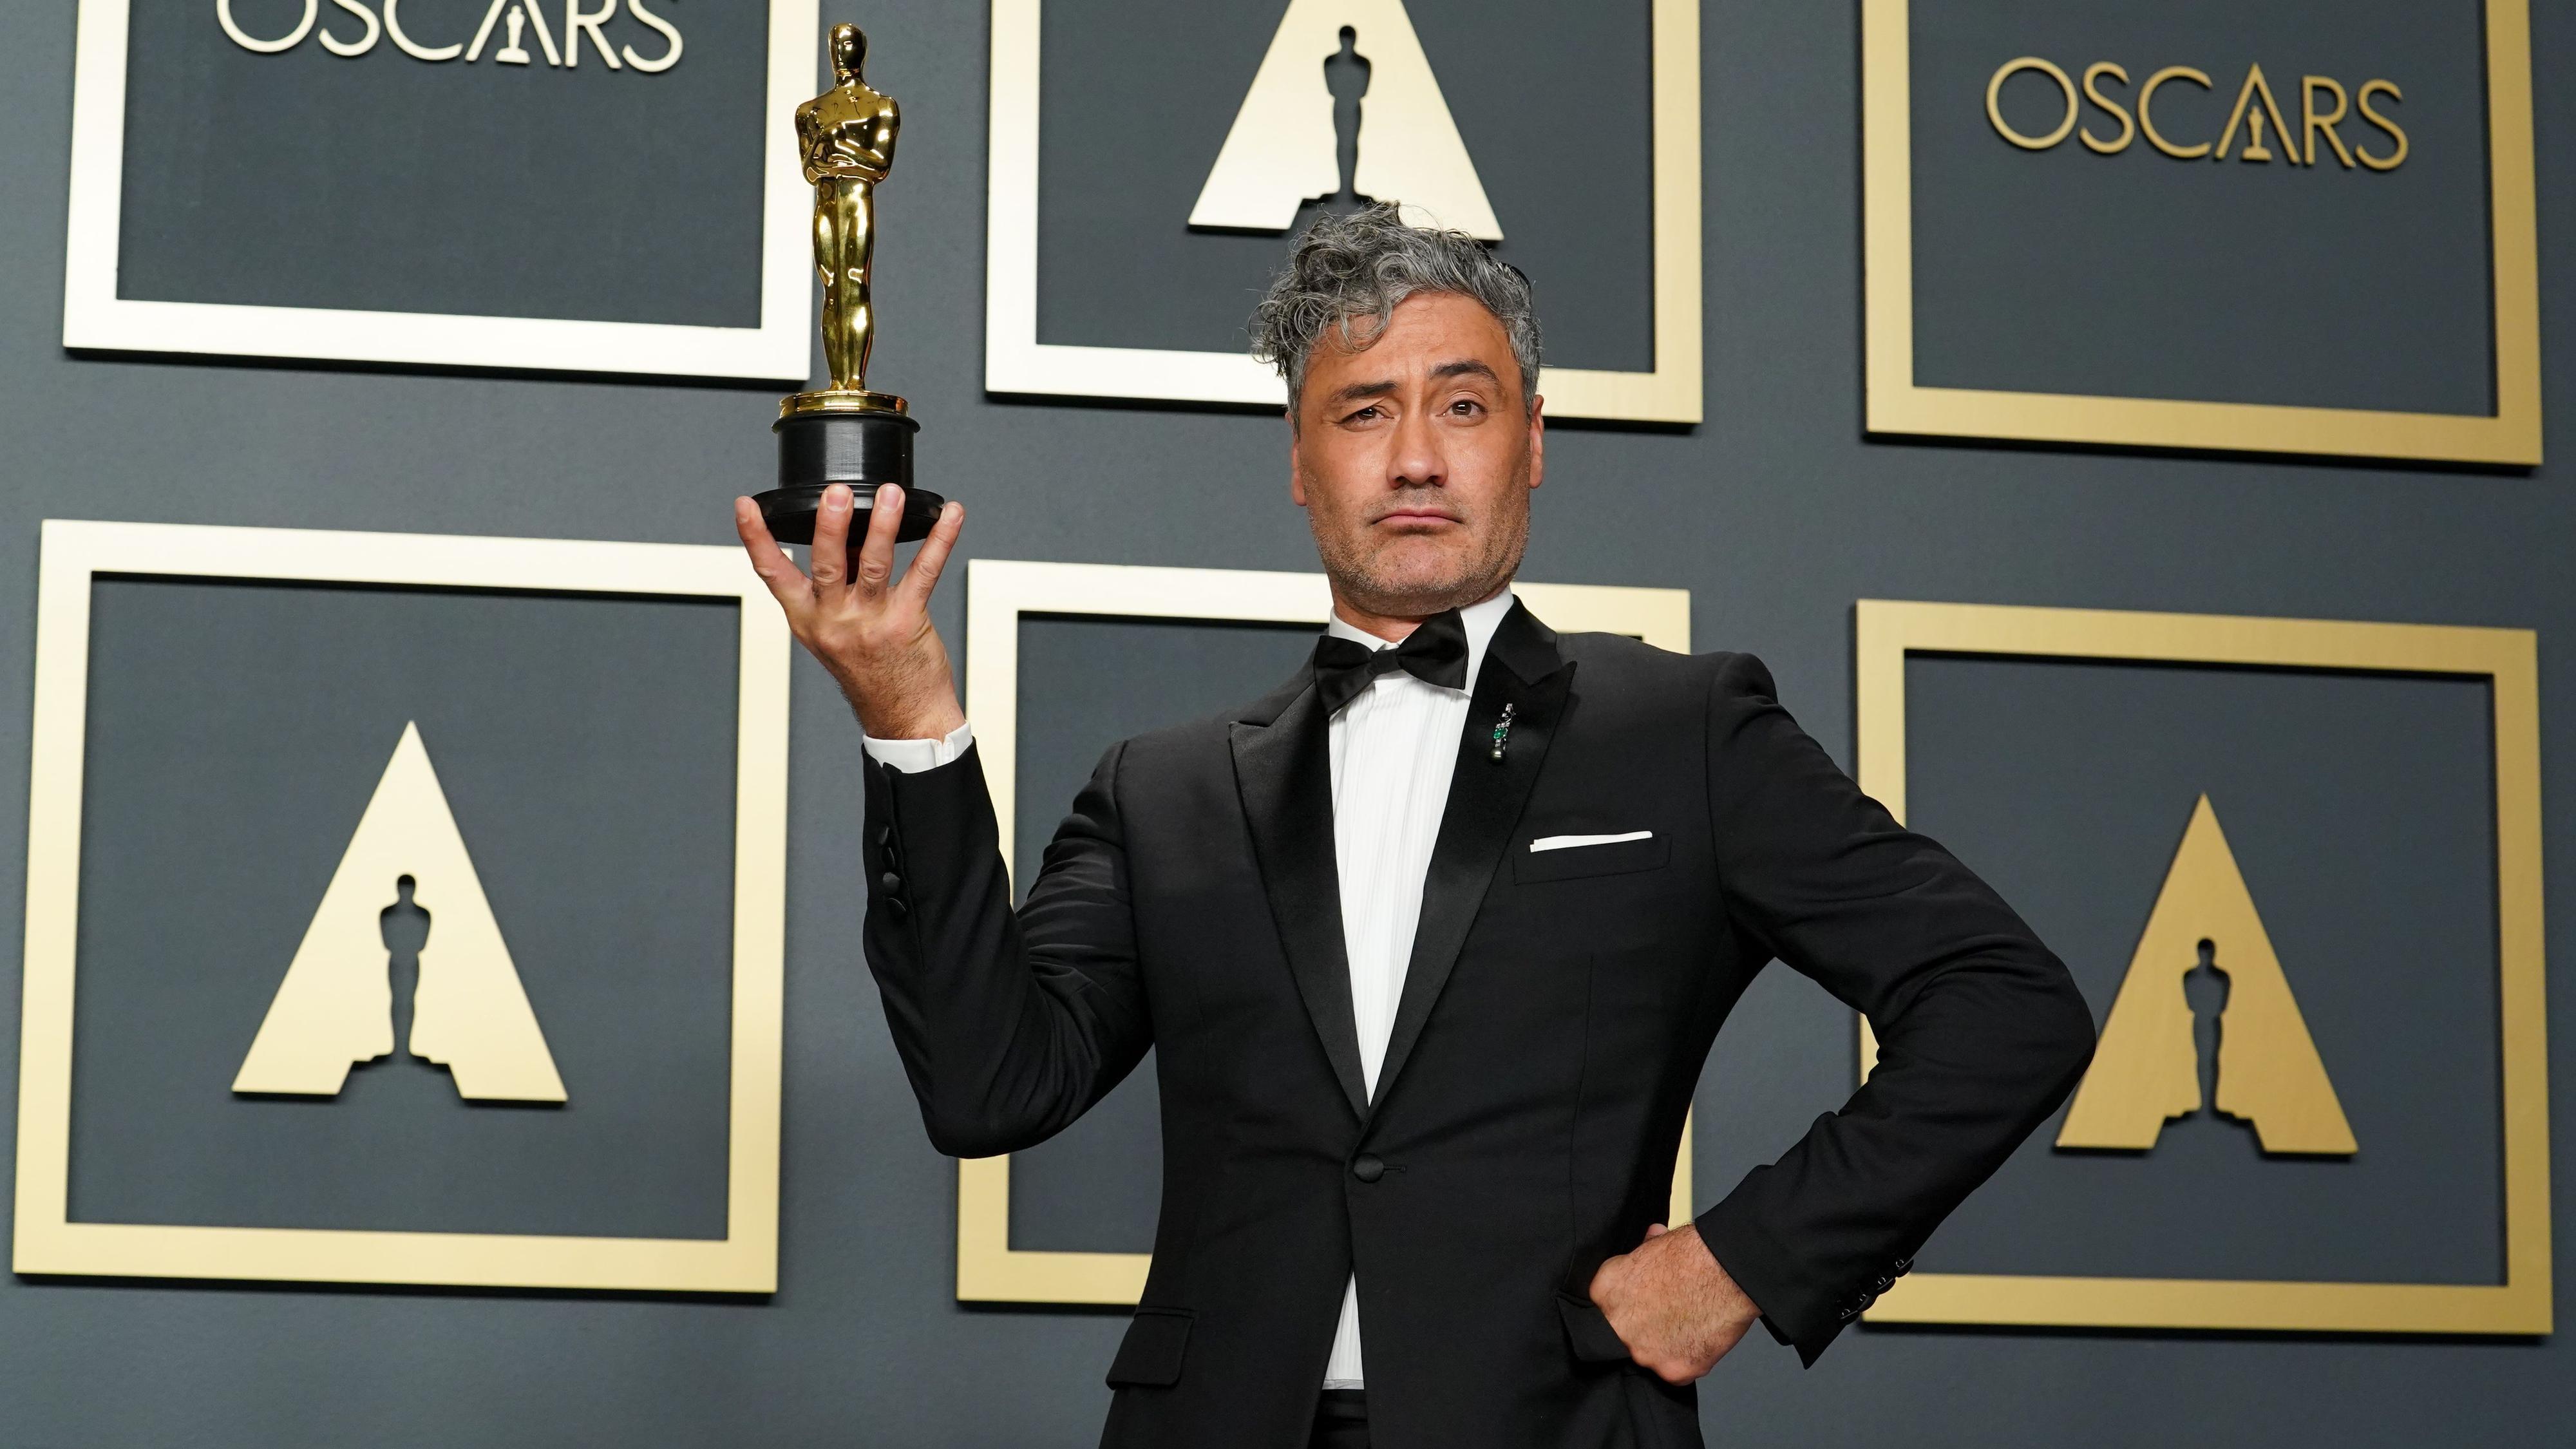 Langet ut mot Apple-tastaturer på Oscar-gallaen